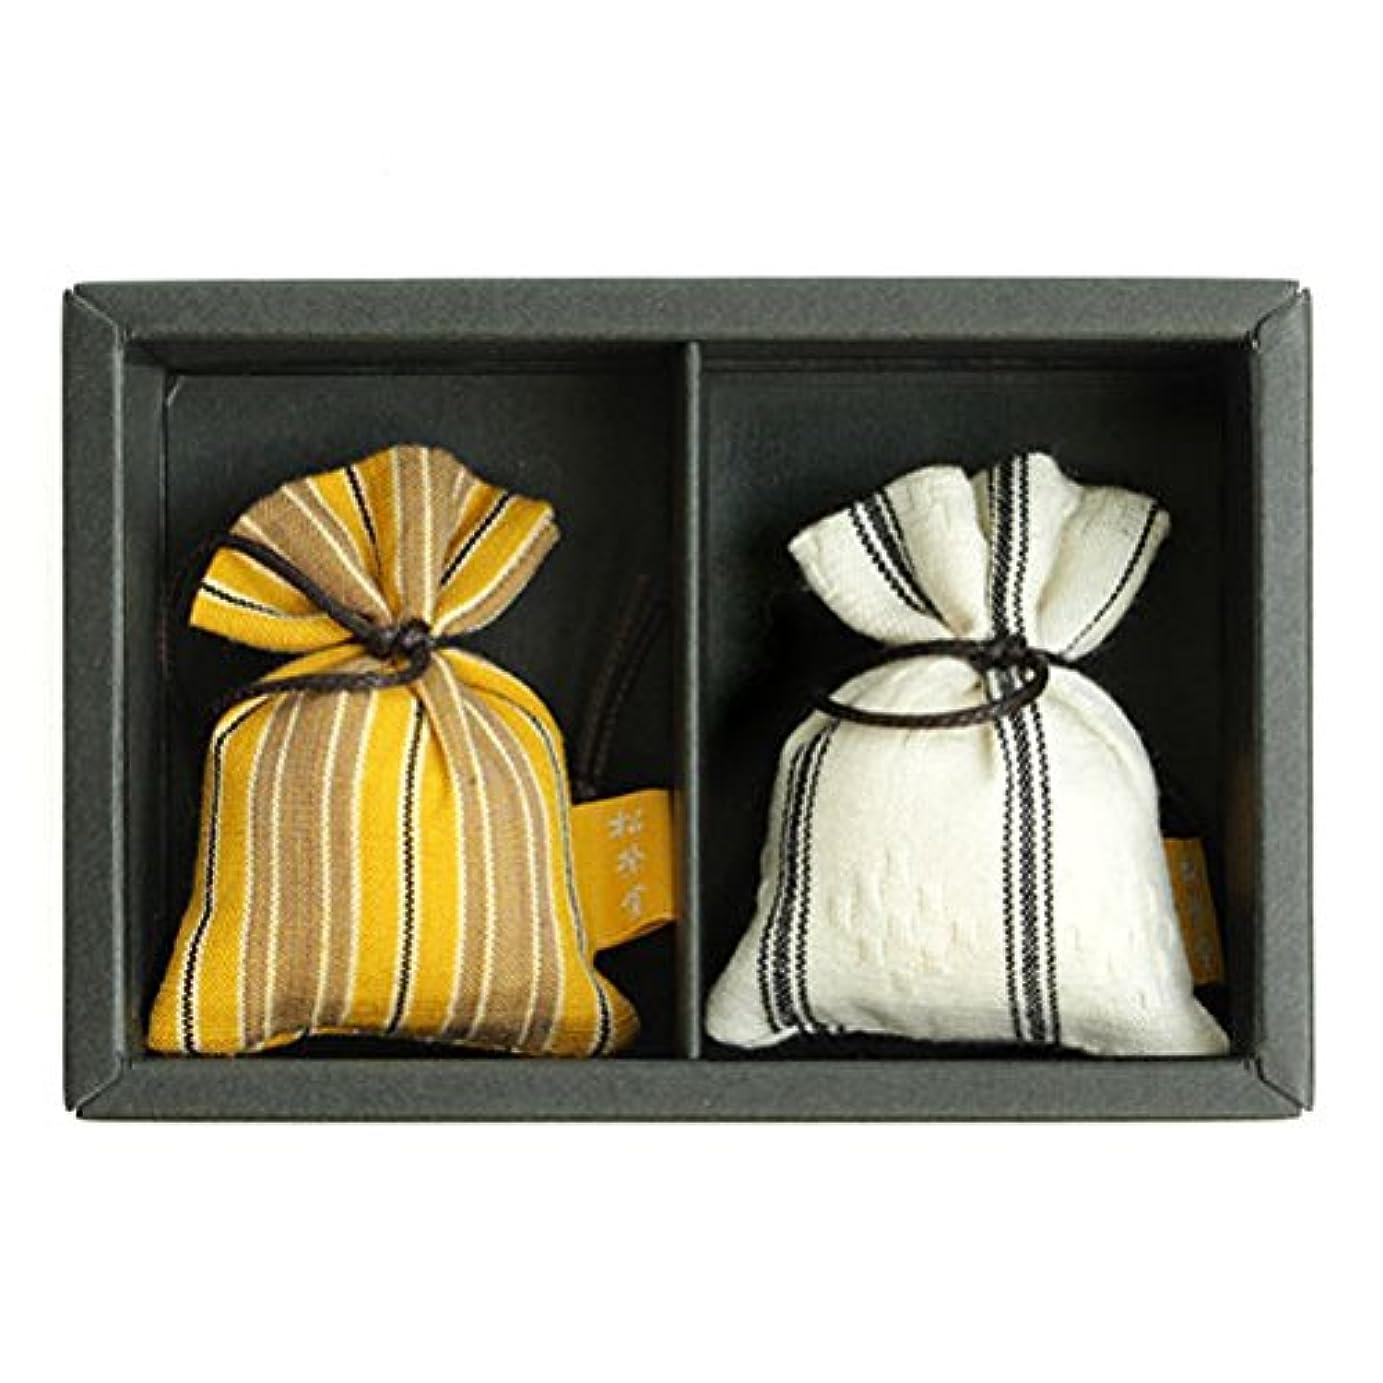 デコラティブけがをする意志に反する匂い袋 誰が袖 ルリック(縞) 2個入 松栄堂 Shoyeido 本体長さ60mm (色?柄は選べません)